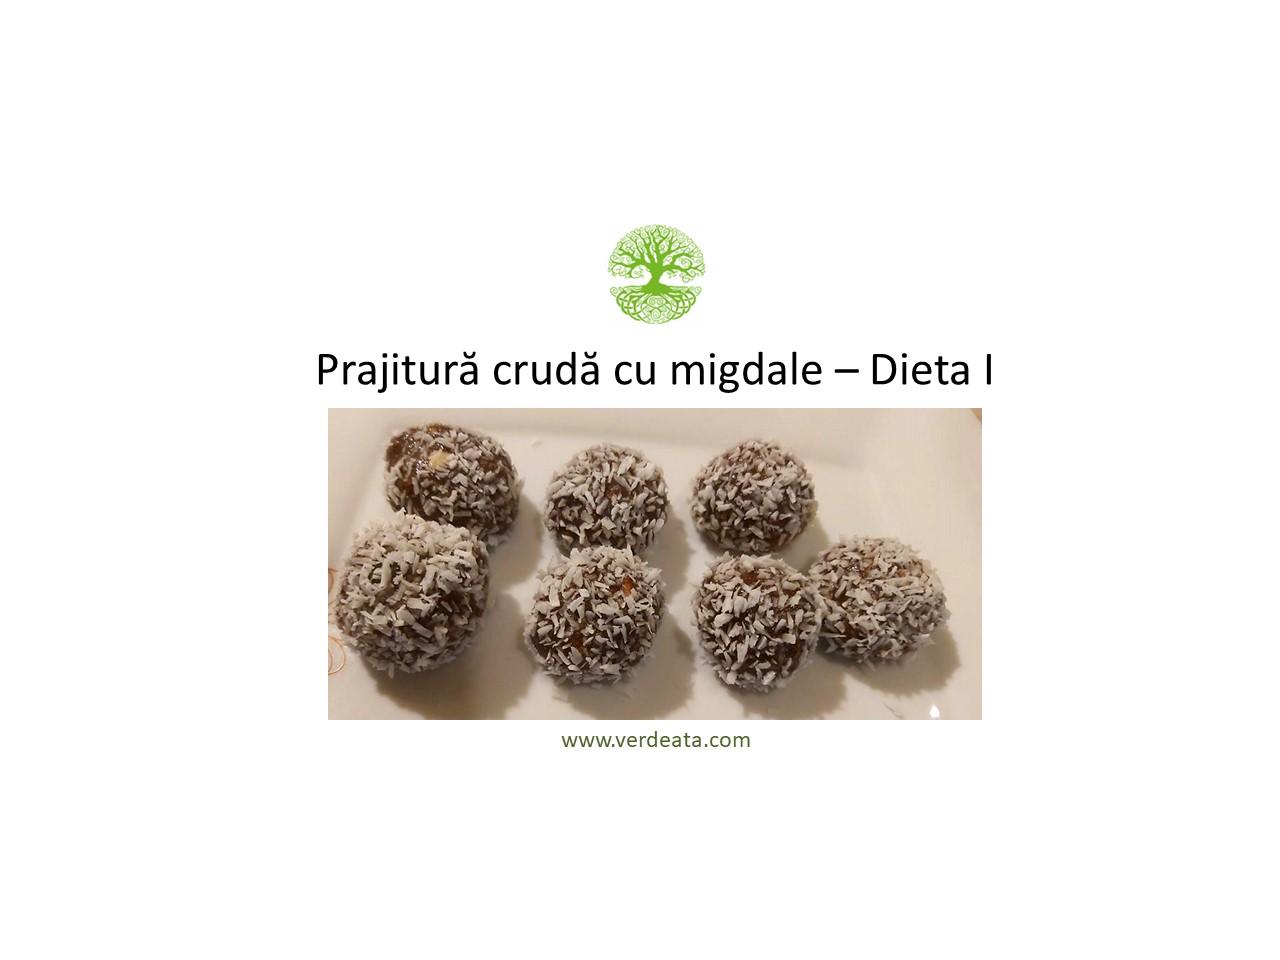 Prăjitură crudă cu migdale - Dieta I